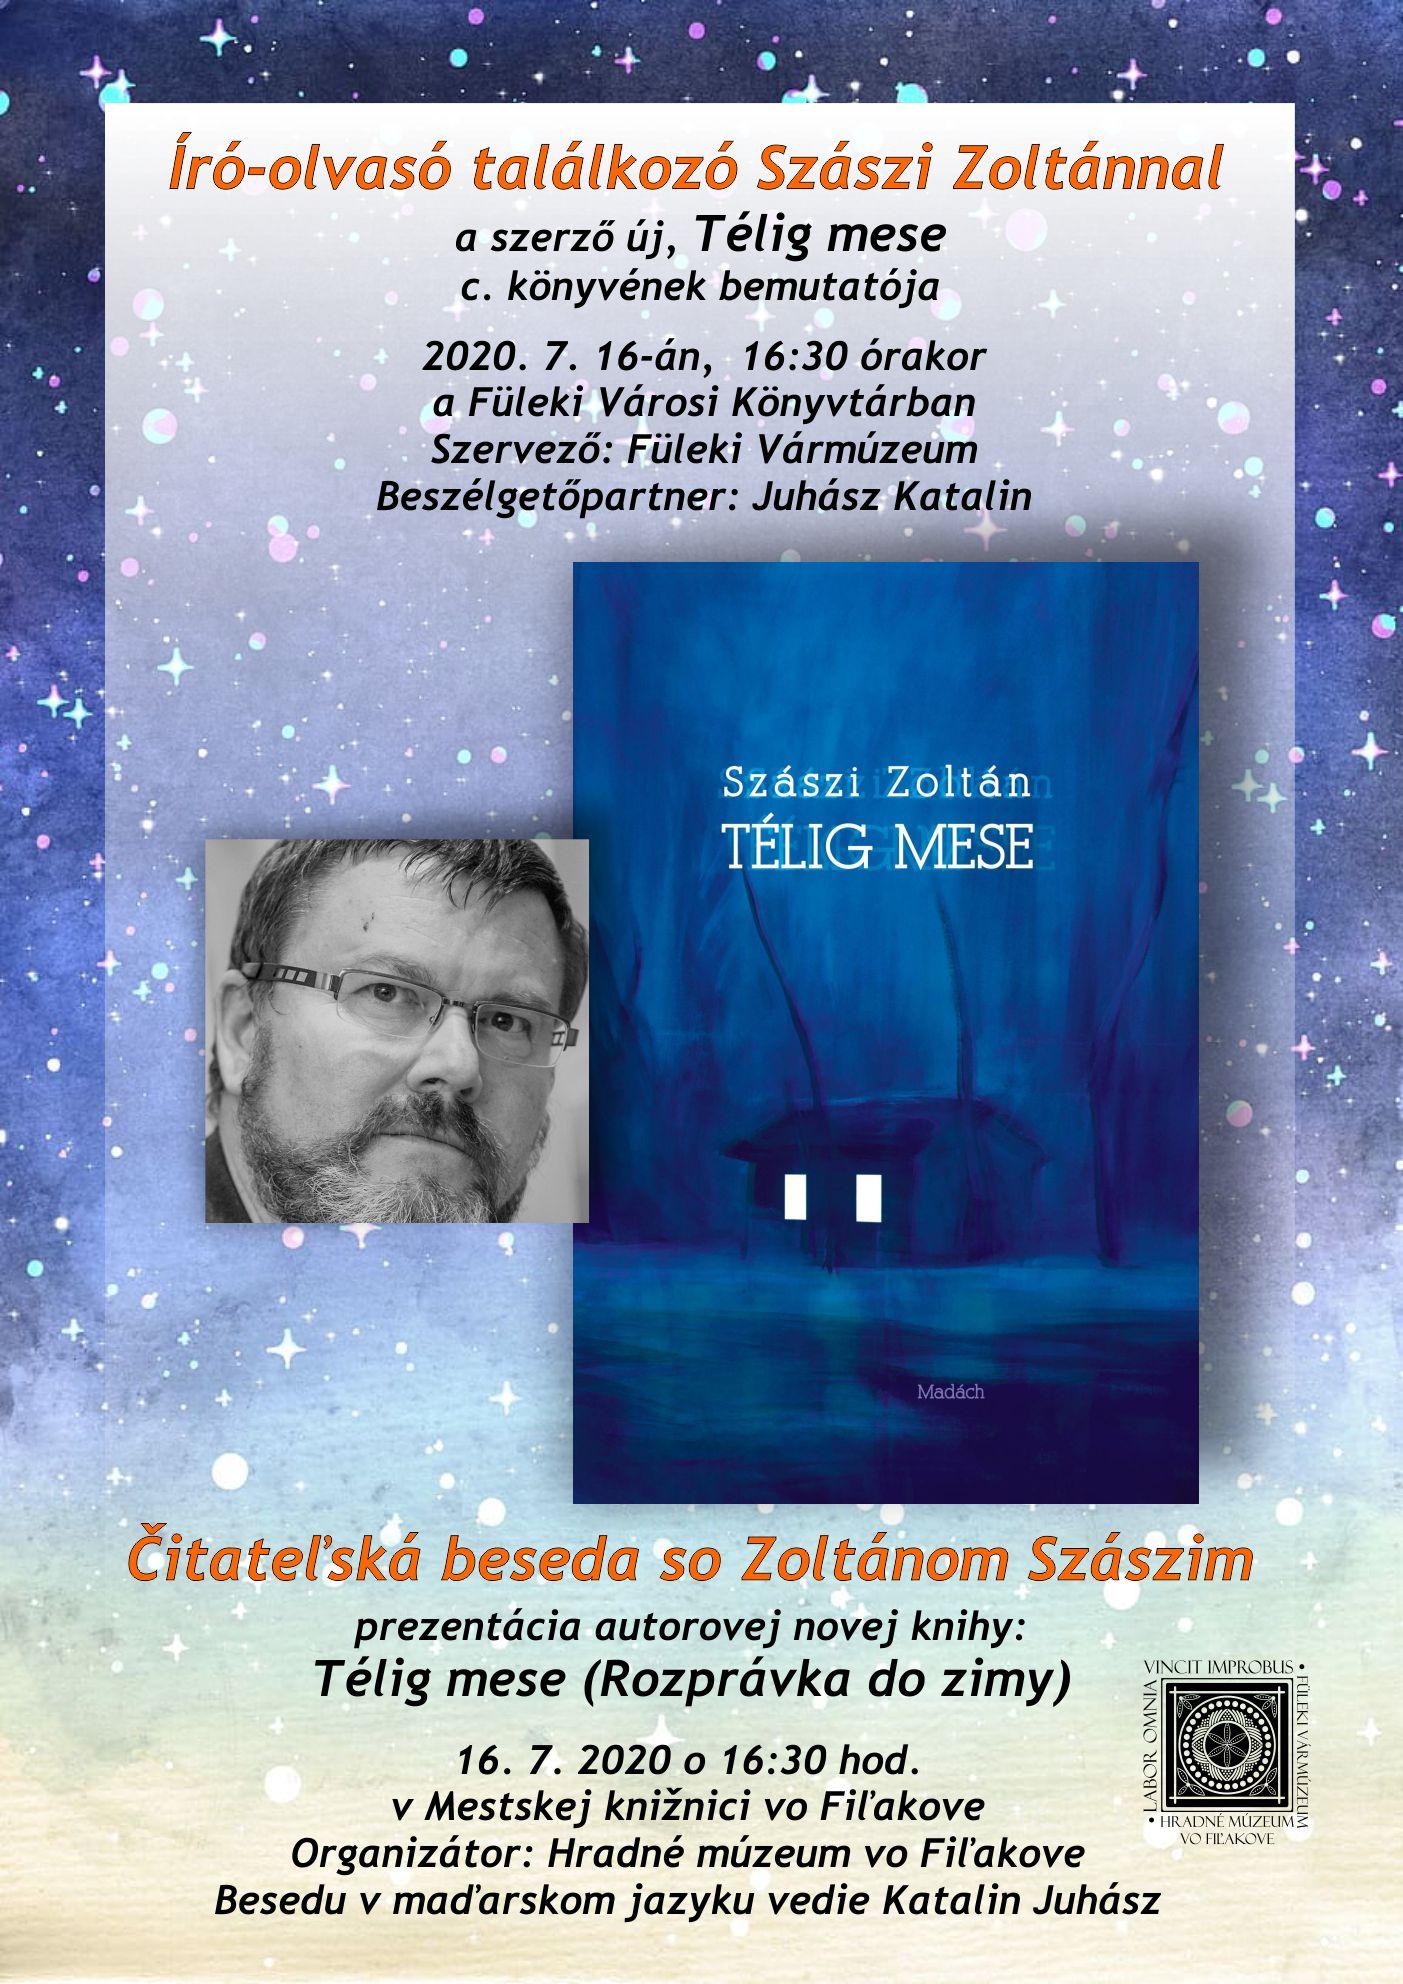 Čitateľská beseda so Zoltánom Szászim @ Mestská knižnica vo Fiľakove, Hlavná ul. 14